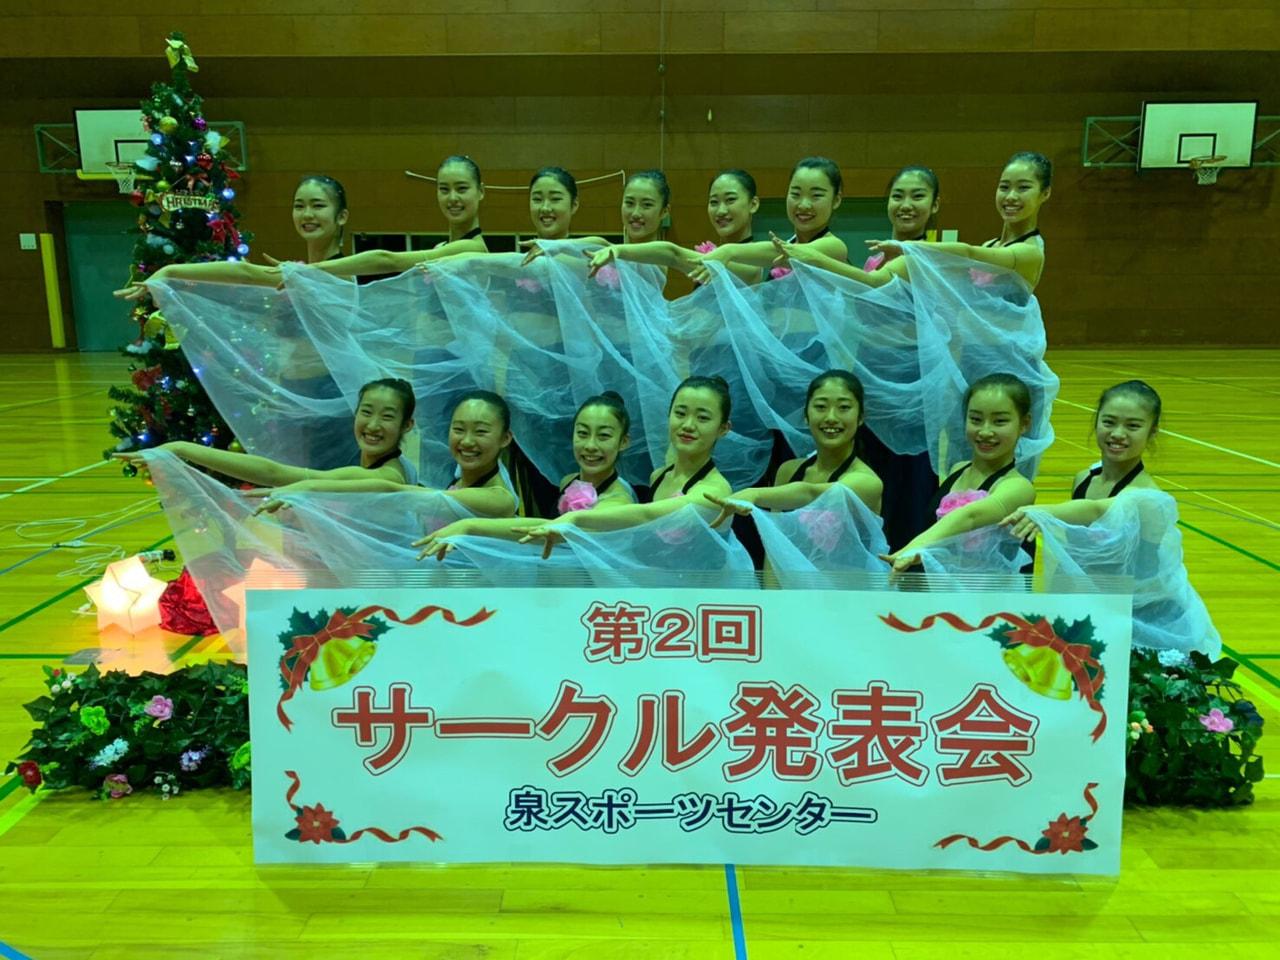 第2回泉スポーツセンターサークル発表会 スペシャルパフォーマンス✨